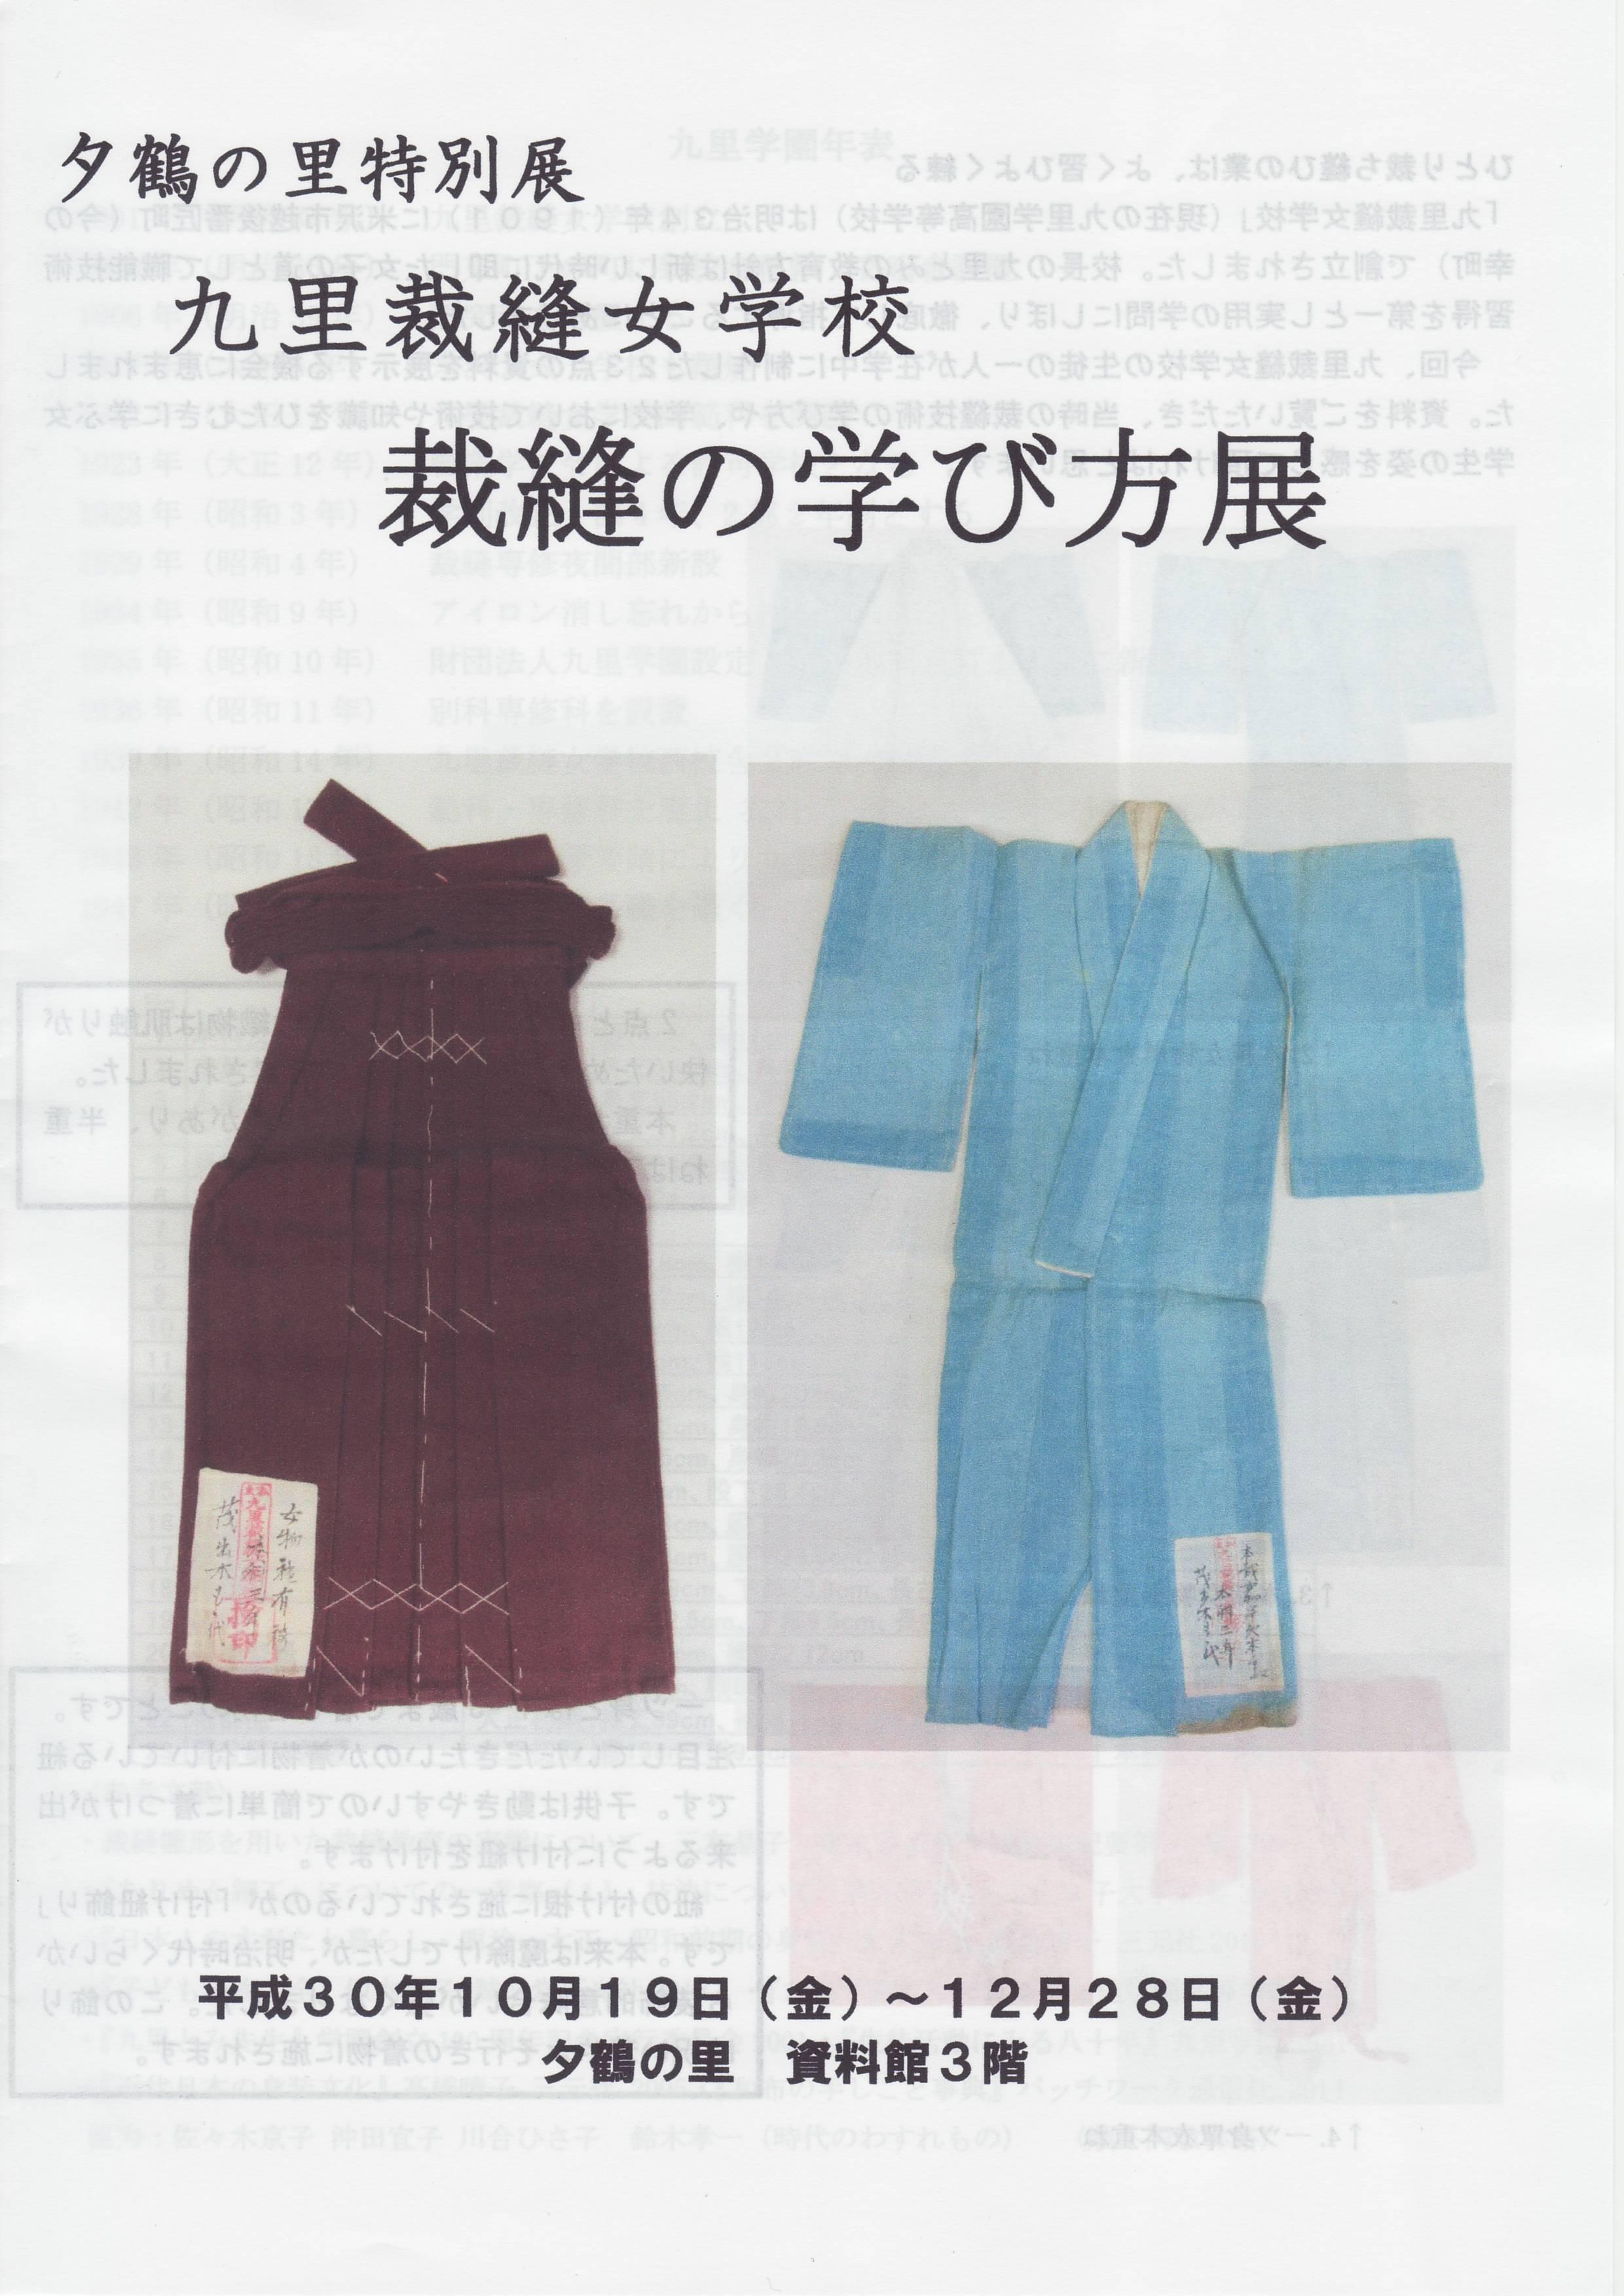 平成30年 夕鶴の里特別展 九里裁縫女学校展に行ってきました:画像